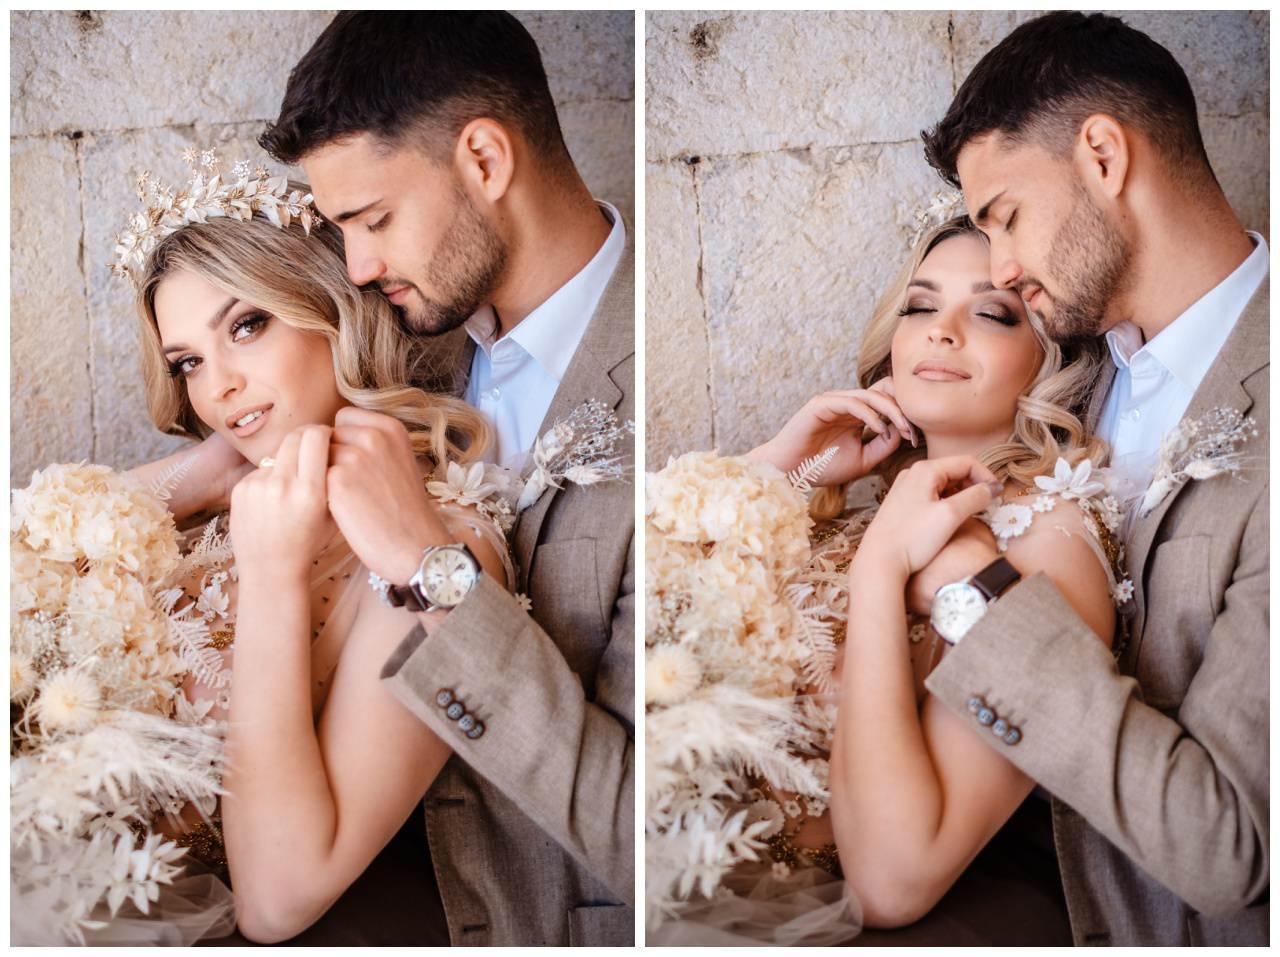 Hochzeit Kroatien Planung Hochzeitsplaner Trockenblumen Fotograf 2 - Natürliche Hochzeit mit Trockenblumen